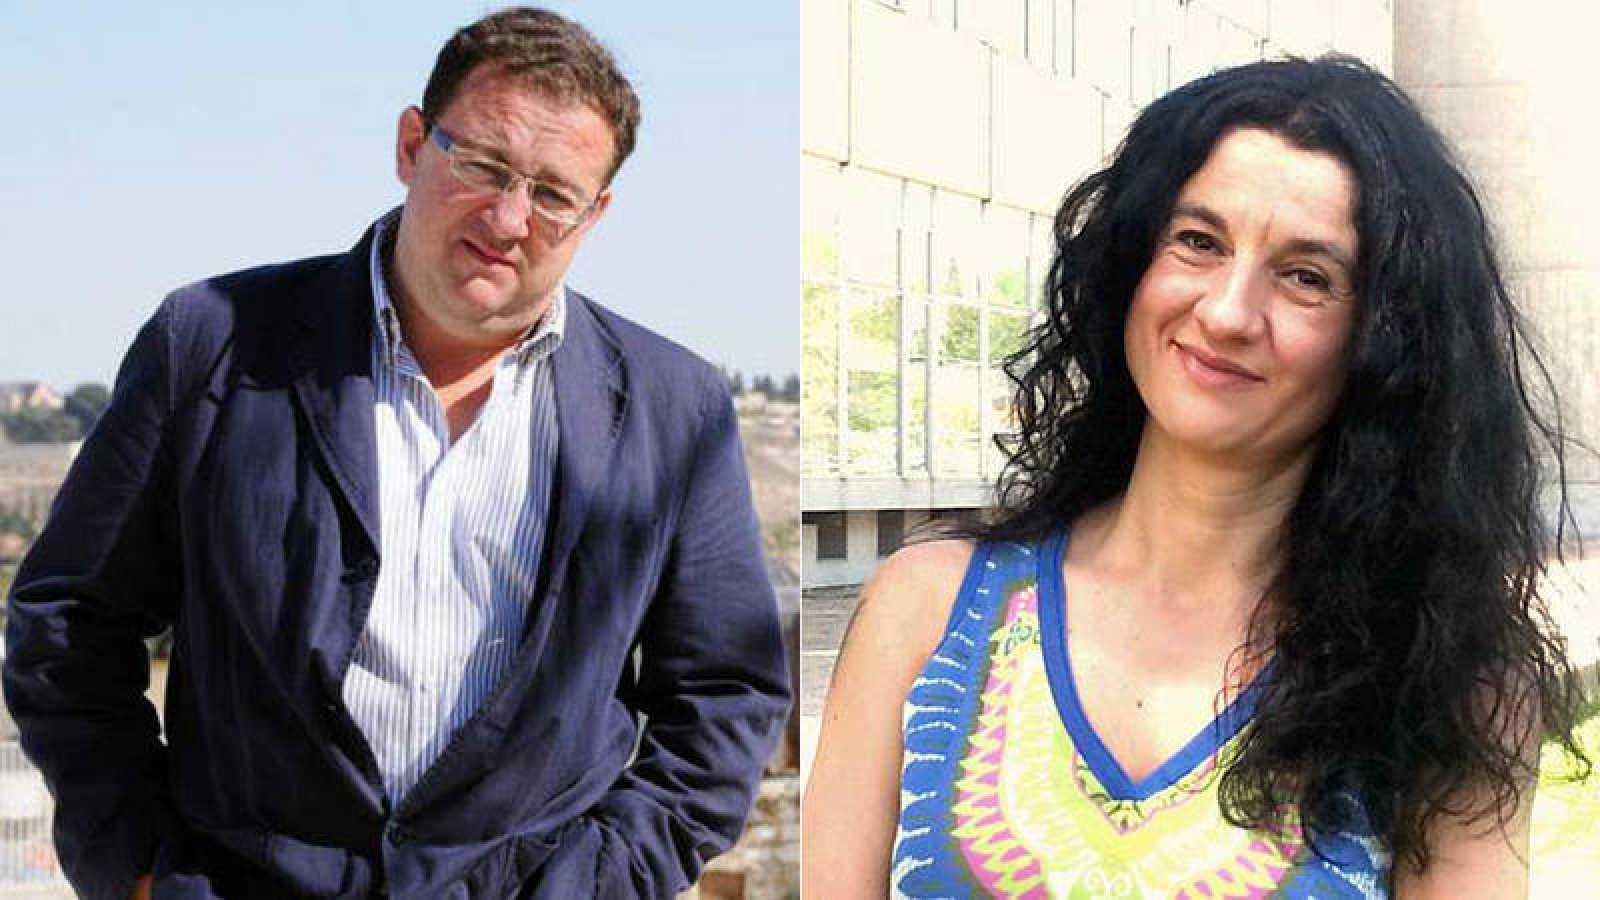 Francisco González Forjas y Cristina Sánchez.